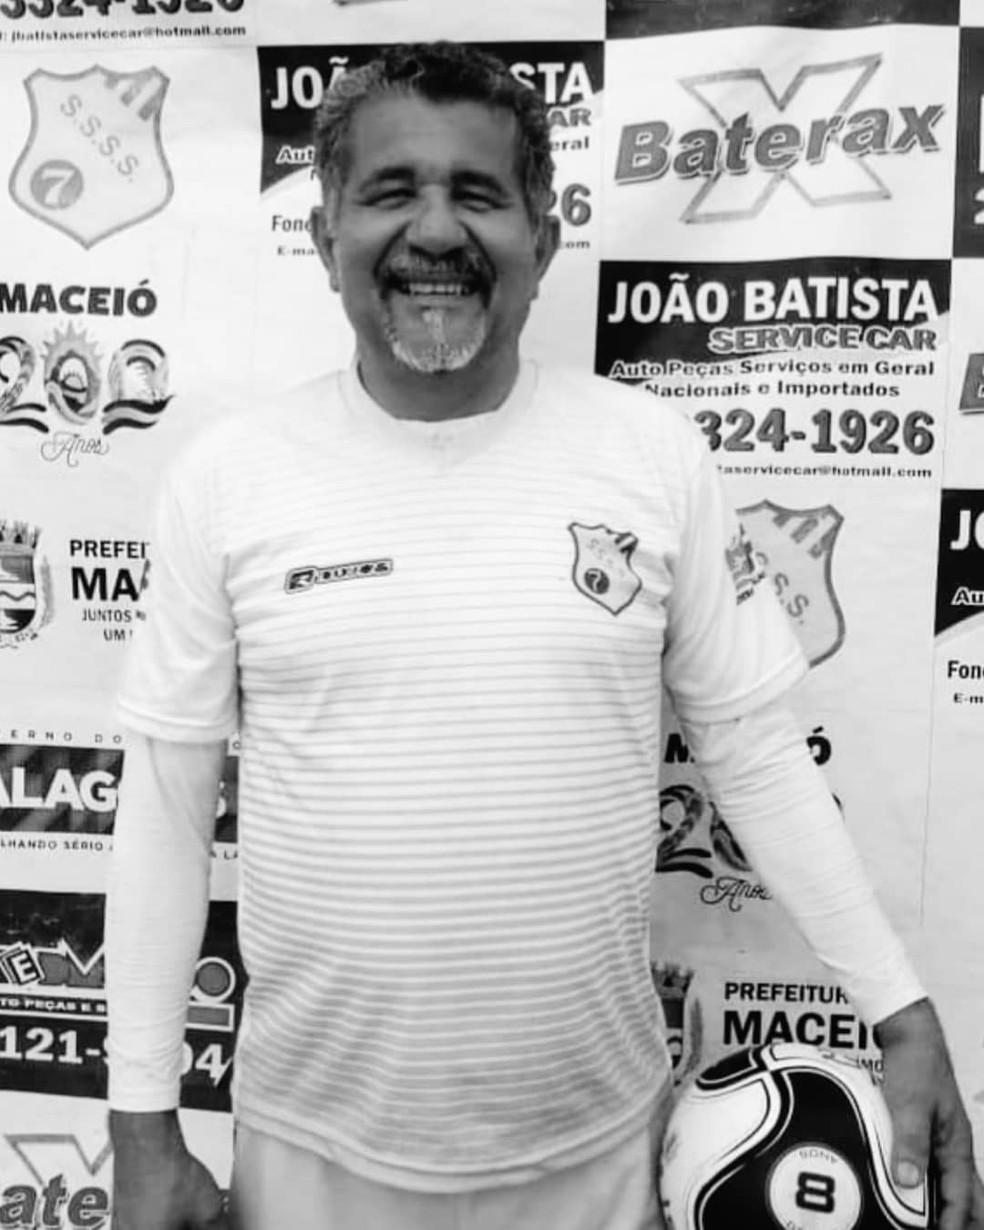 João Batista, ex-presidente do Sete de Setembro — Foto: ASCOM Federação Alagoana de Futebol